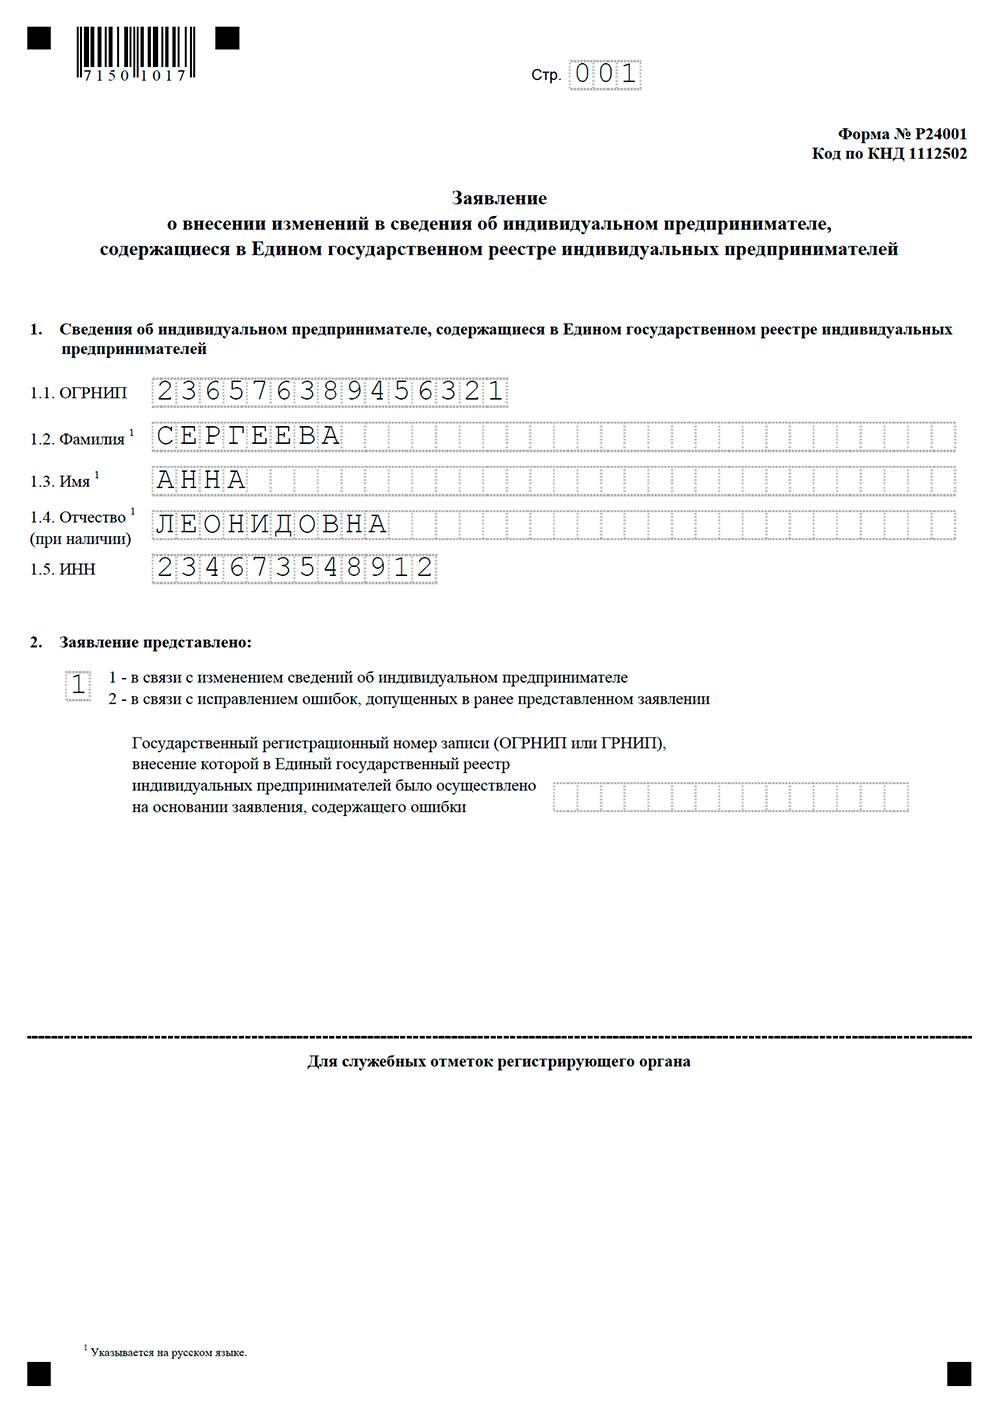 Образец заполнения заявления внесении изменений сведения ип